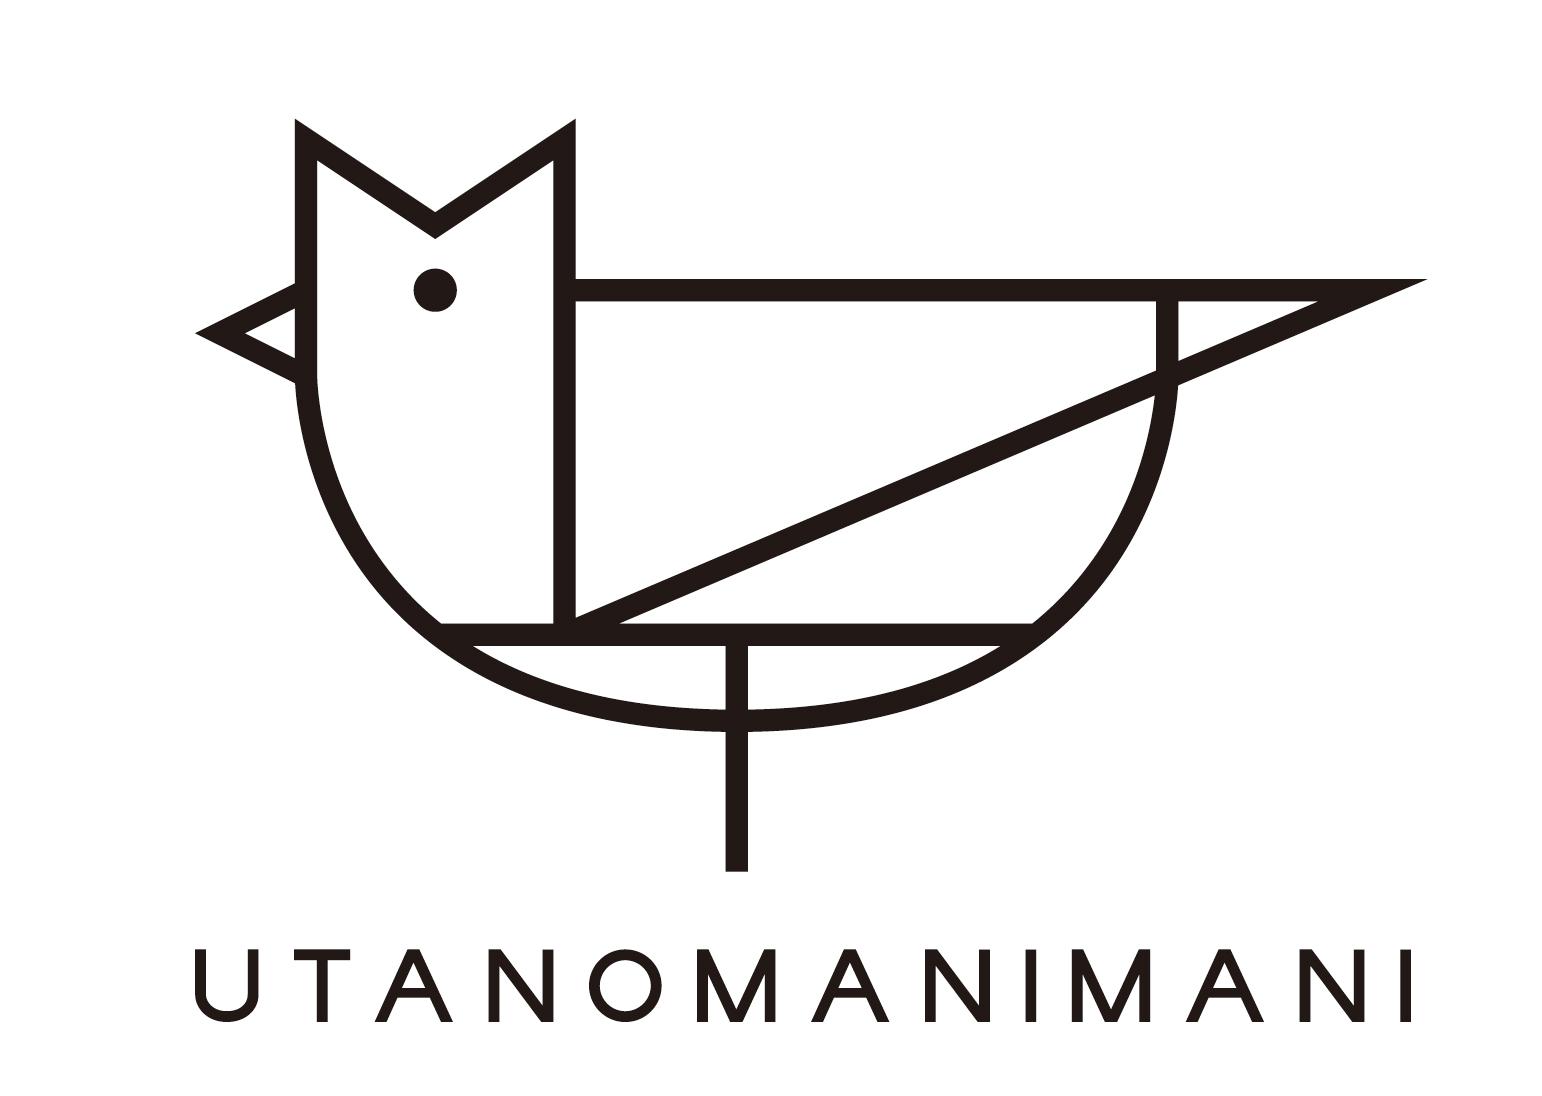 utanomanimani_logo.jpg